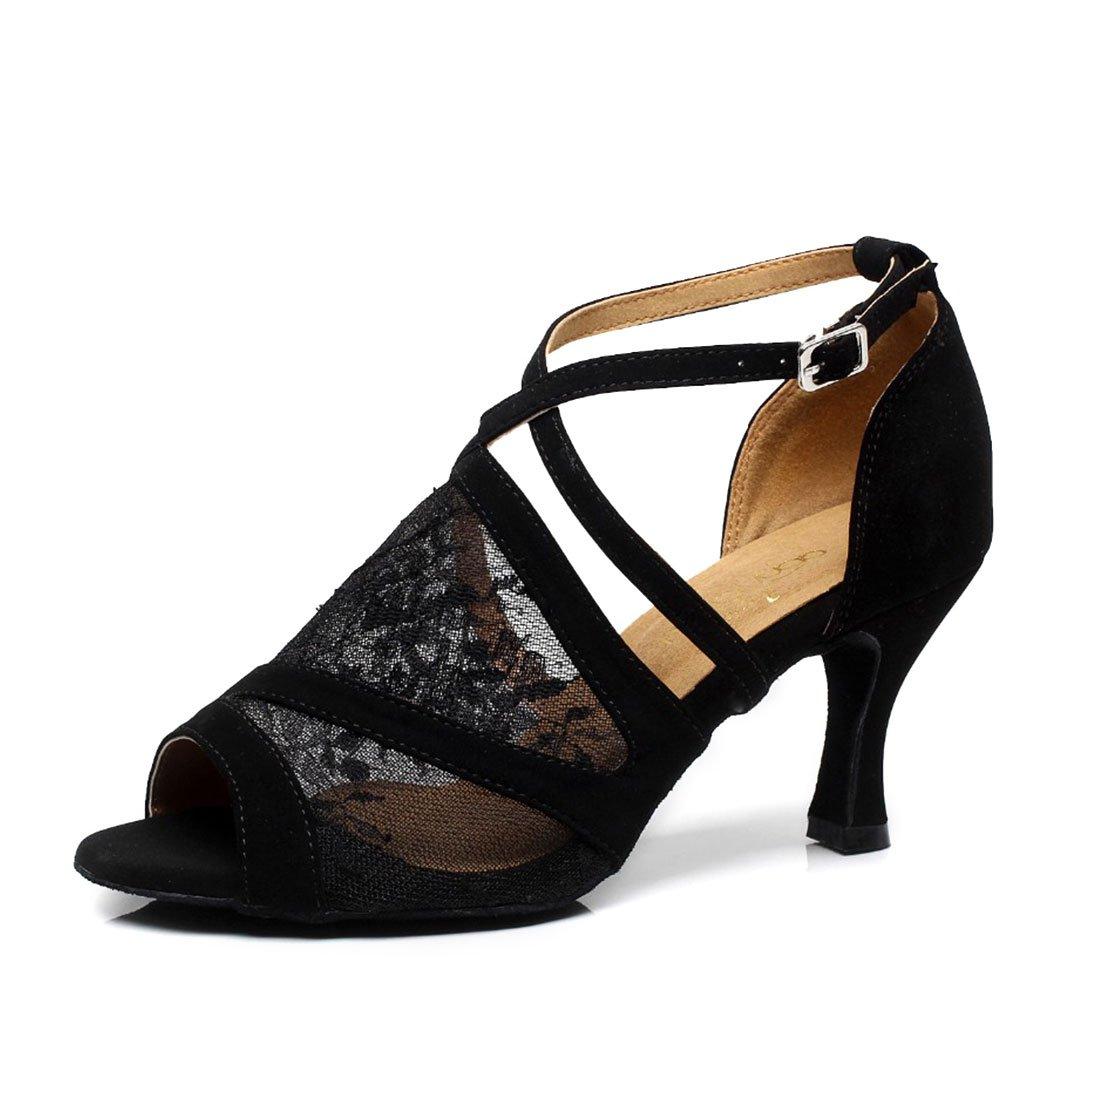 SUKUTU Femmes Mode Mesh Ballroom Latin Tango Danse Chaussures Dames Doux Semelle Haute Talon Chaussures pour Danse Classe SU014